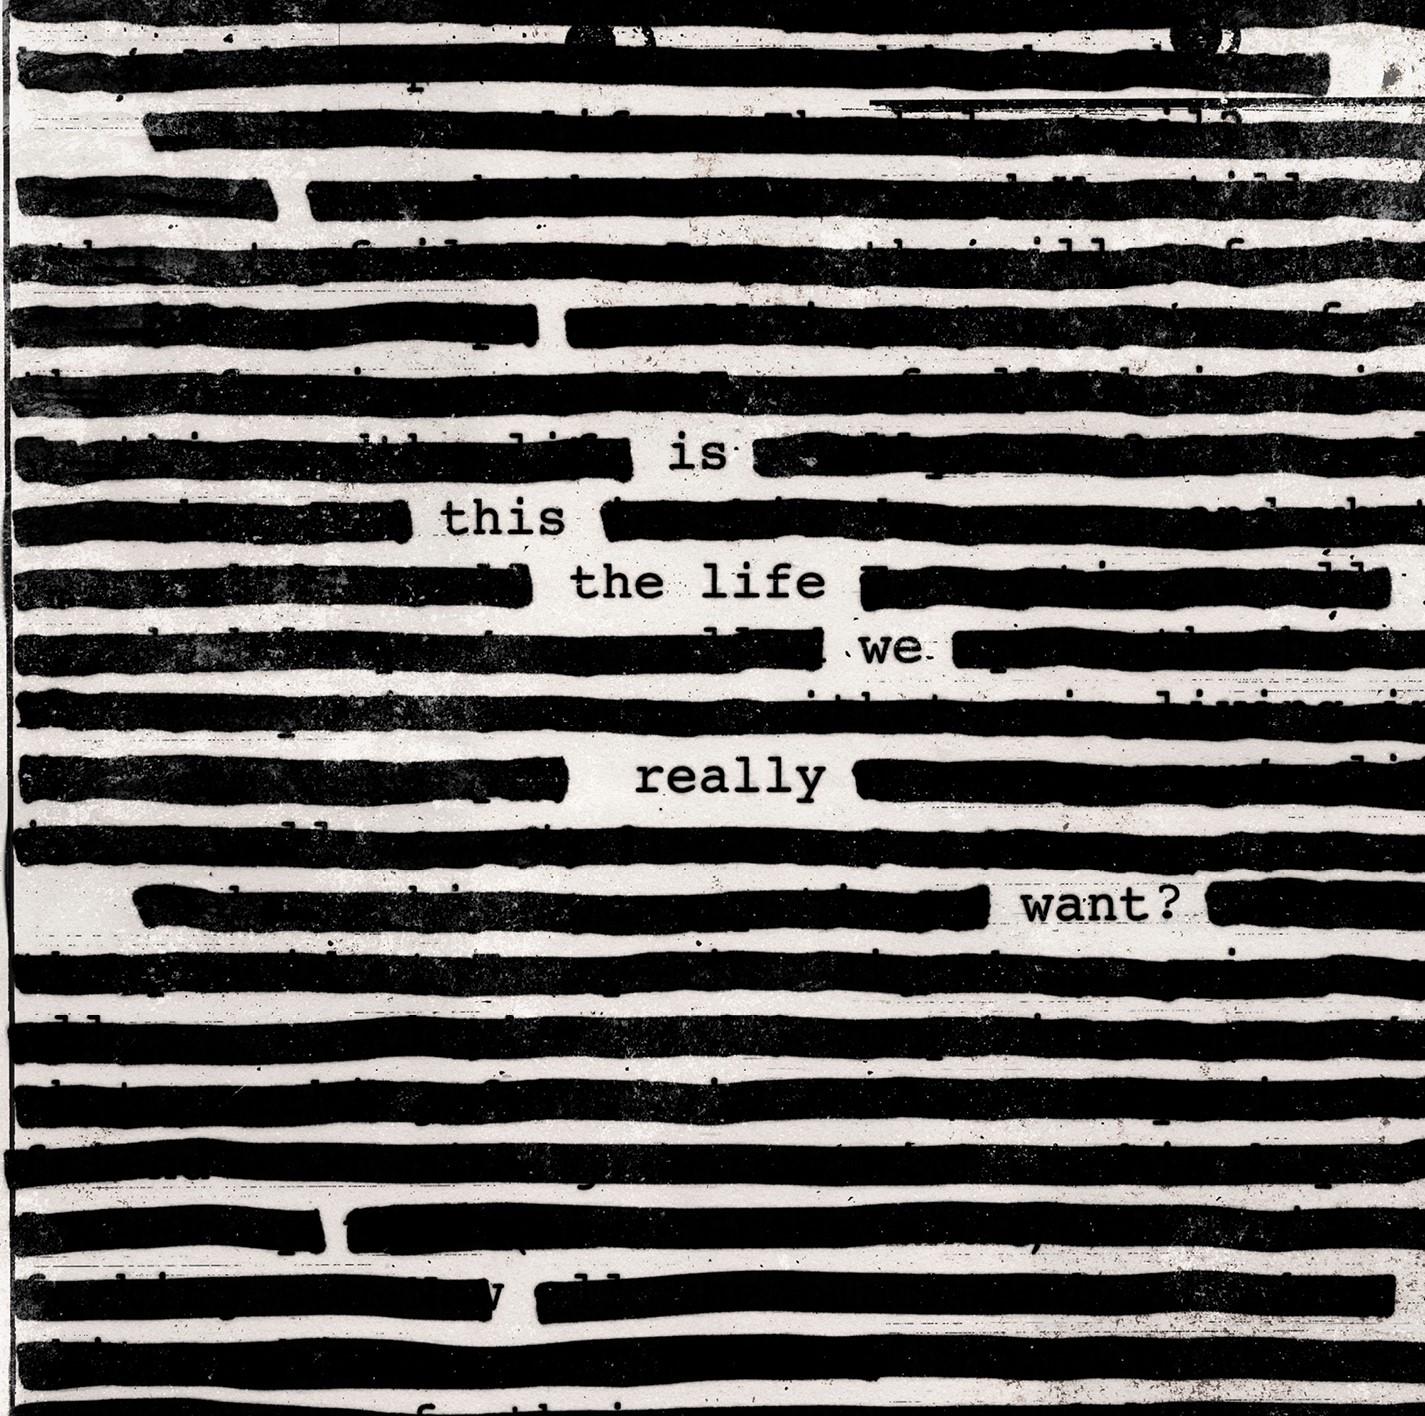 """El nuevo álbum de Roger Waters """"Is This The Life We Really Want?"""", ya a la venta"""